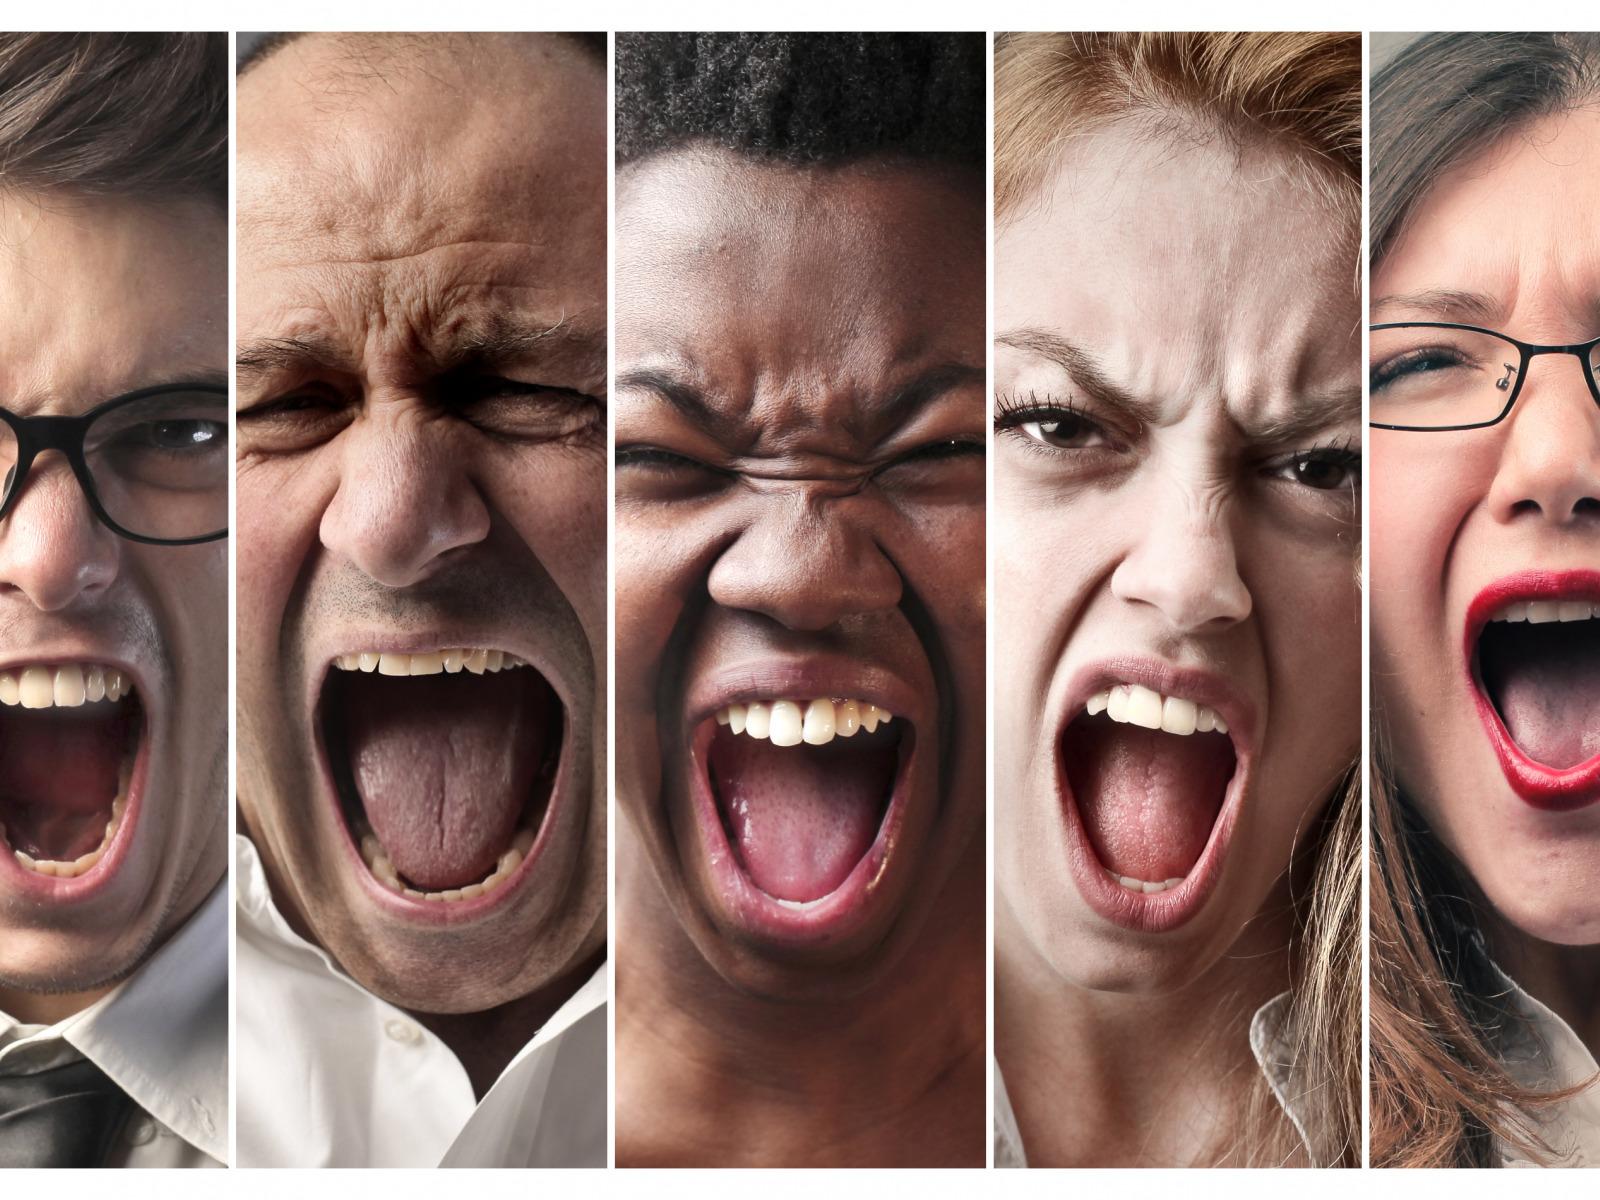 при можно ли в гневе рвать фото покупатели почему-то решают